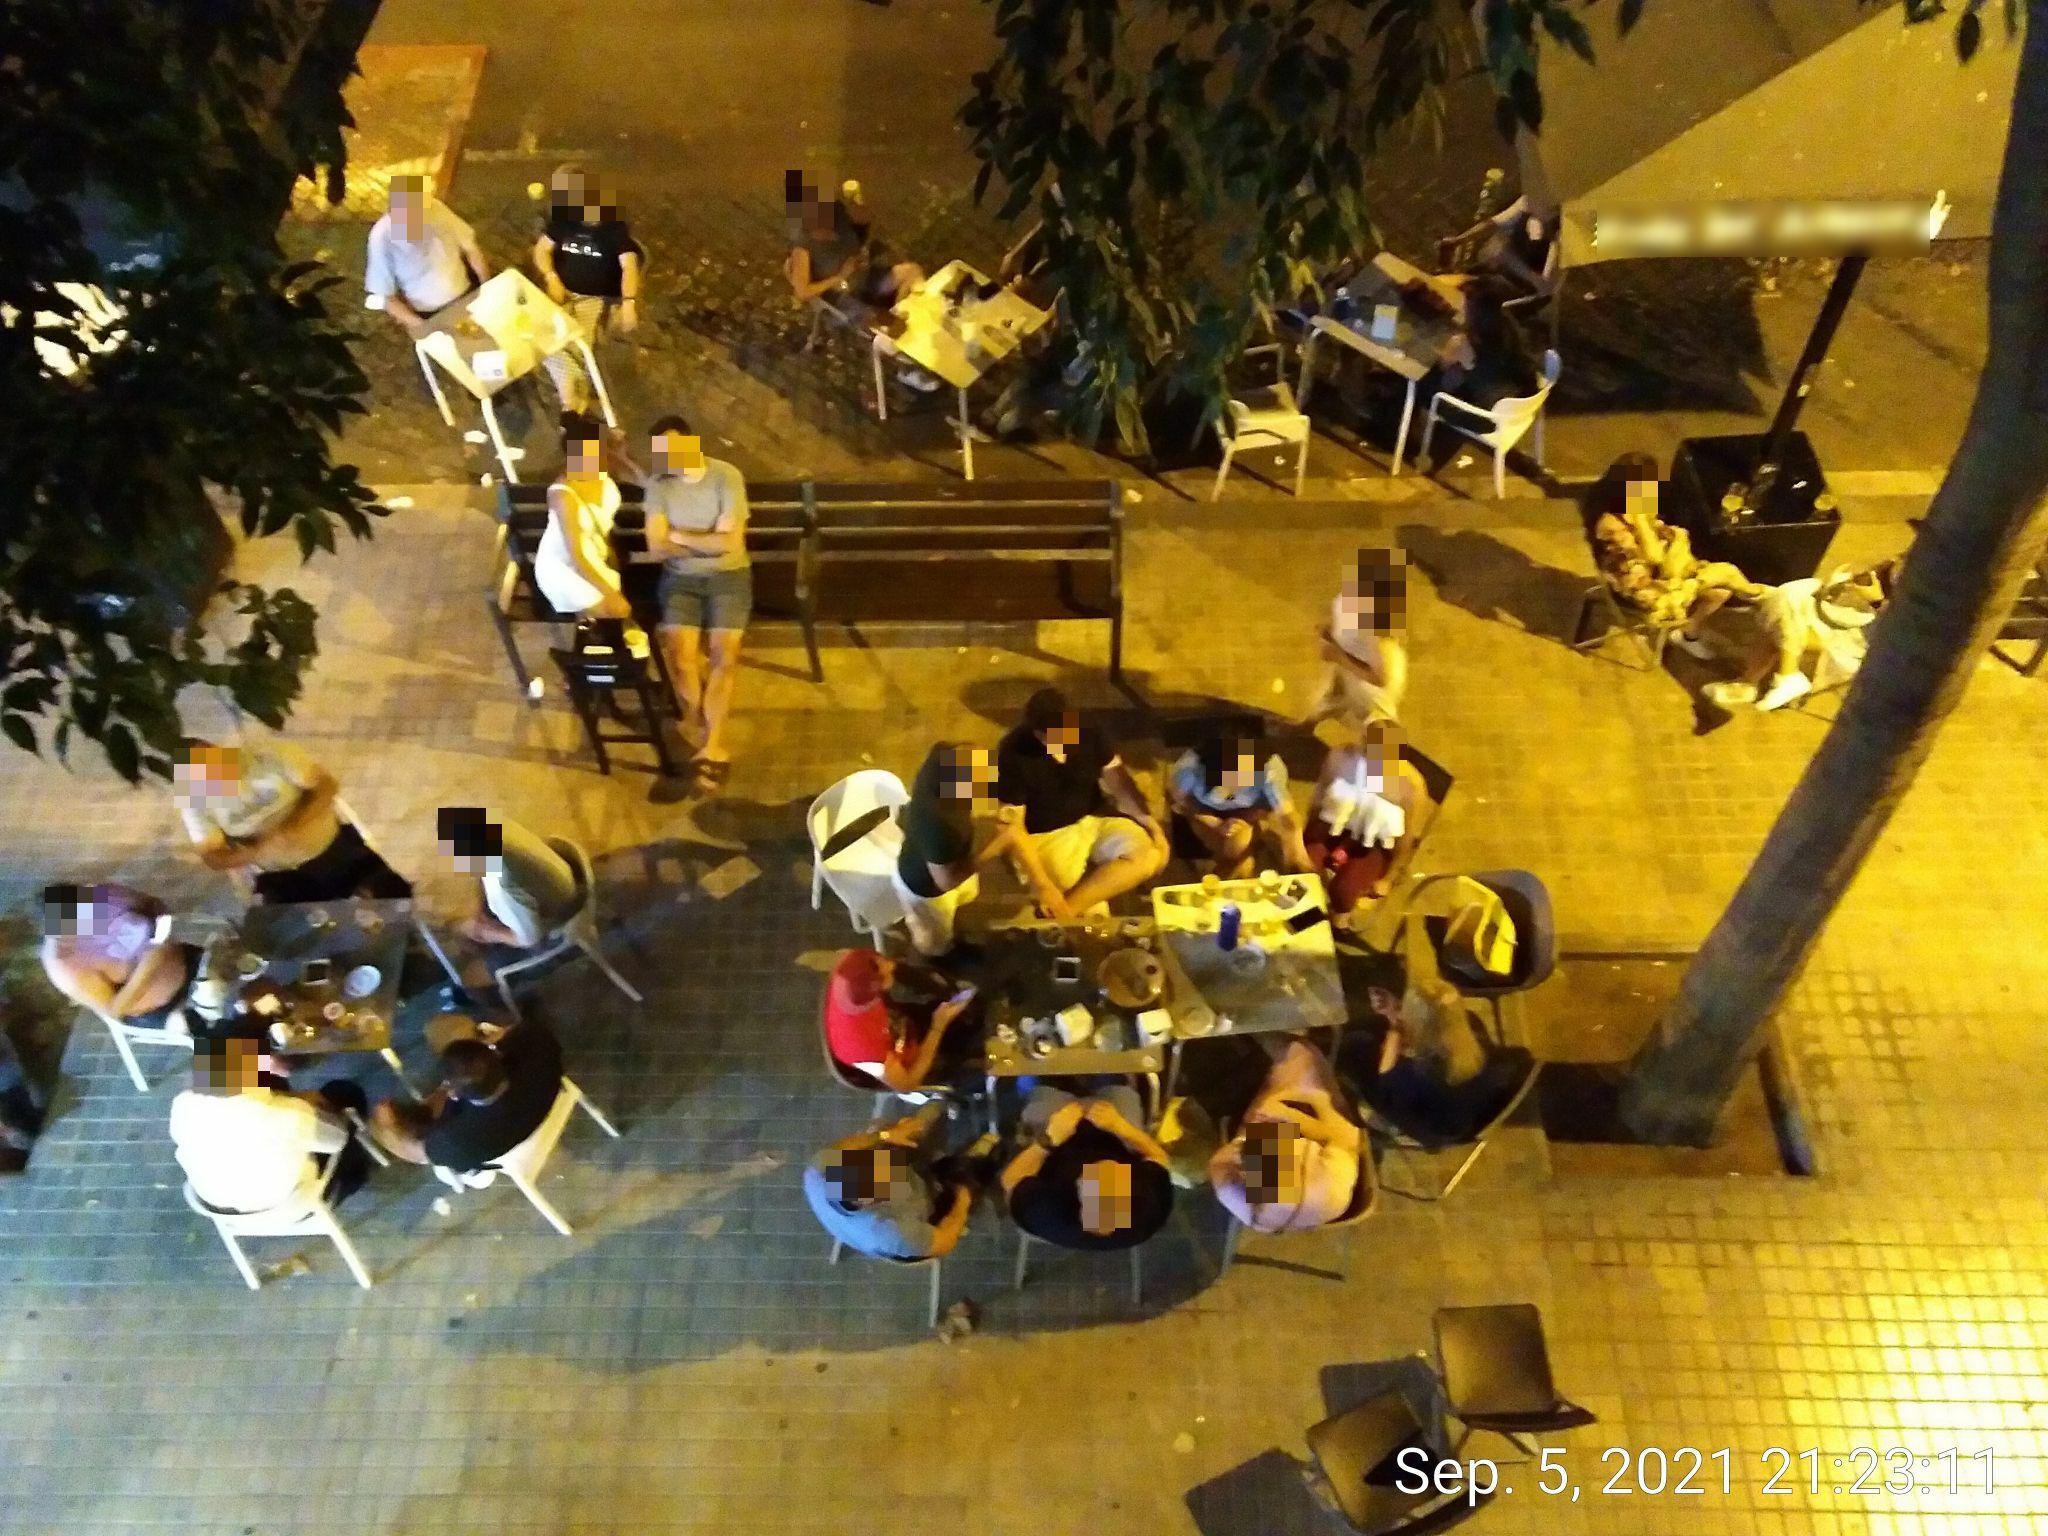 Provença 471 - banc públic .... estàs rodejat .... rendeix-te !!!, i això amb una llicència de 4 taules (en extraordinària) !!!